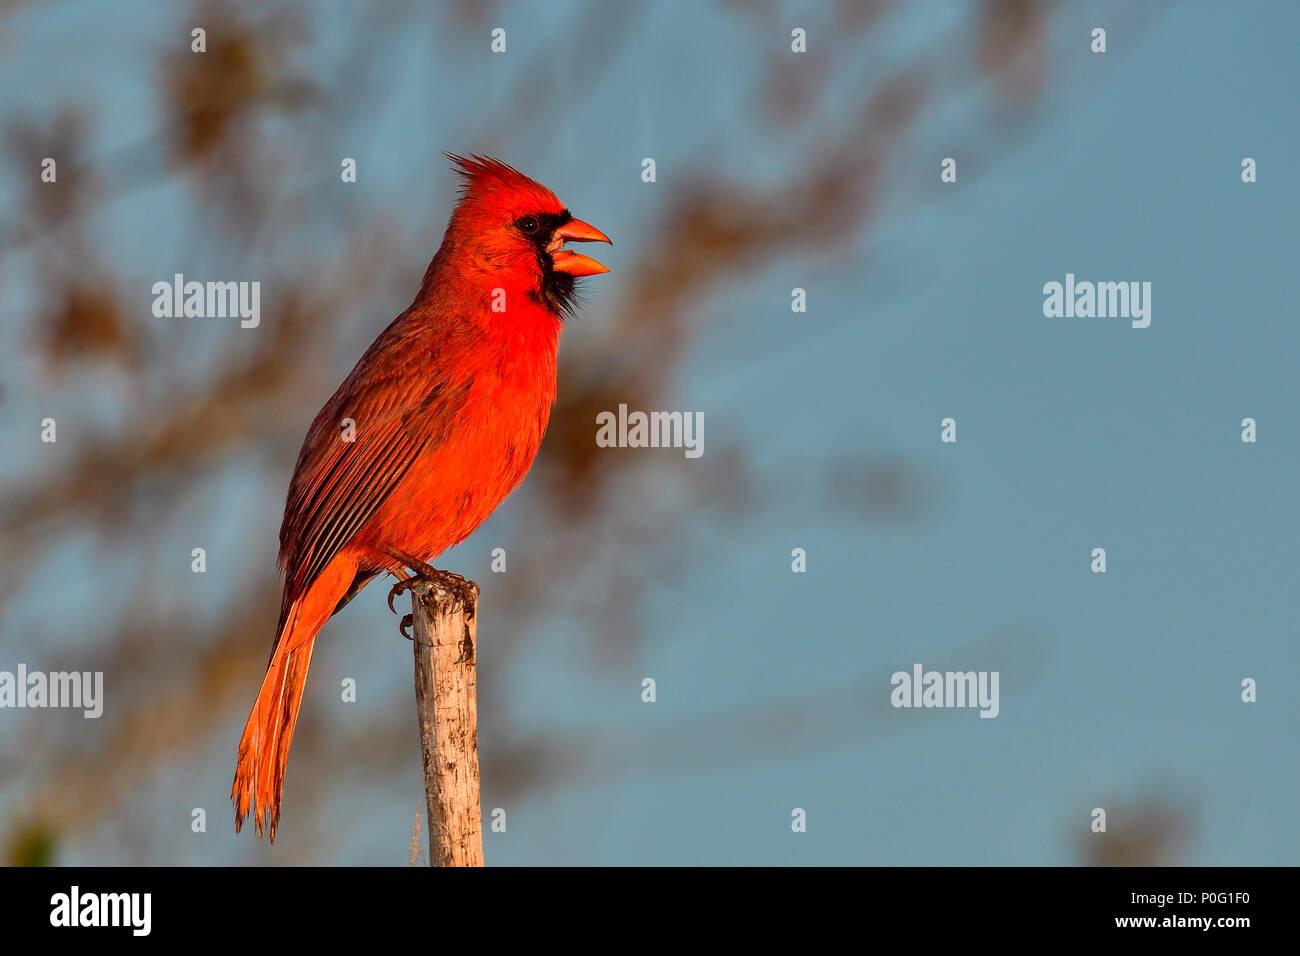 Cardenal norteño está disfrutando de la primera luz de la mañana, mientras la difusión de un mensaje. Imagen De Stock